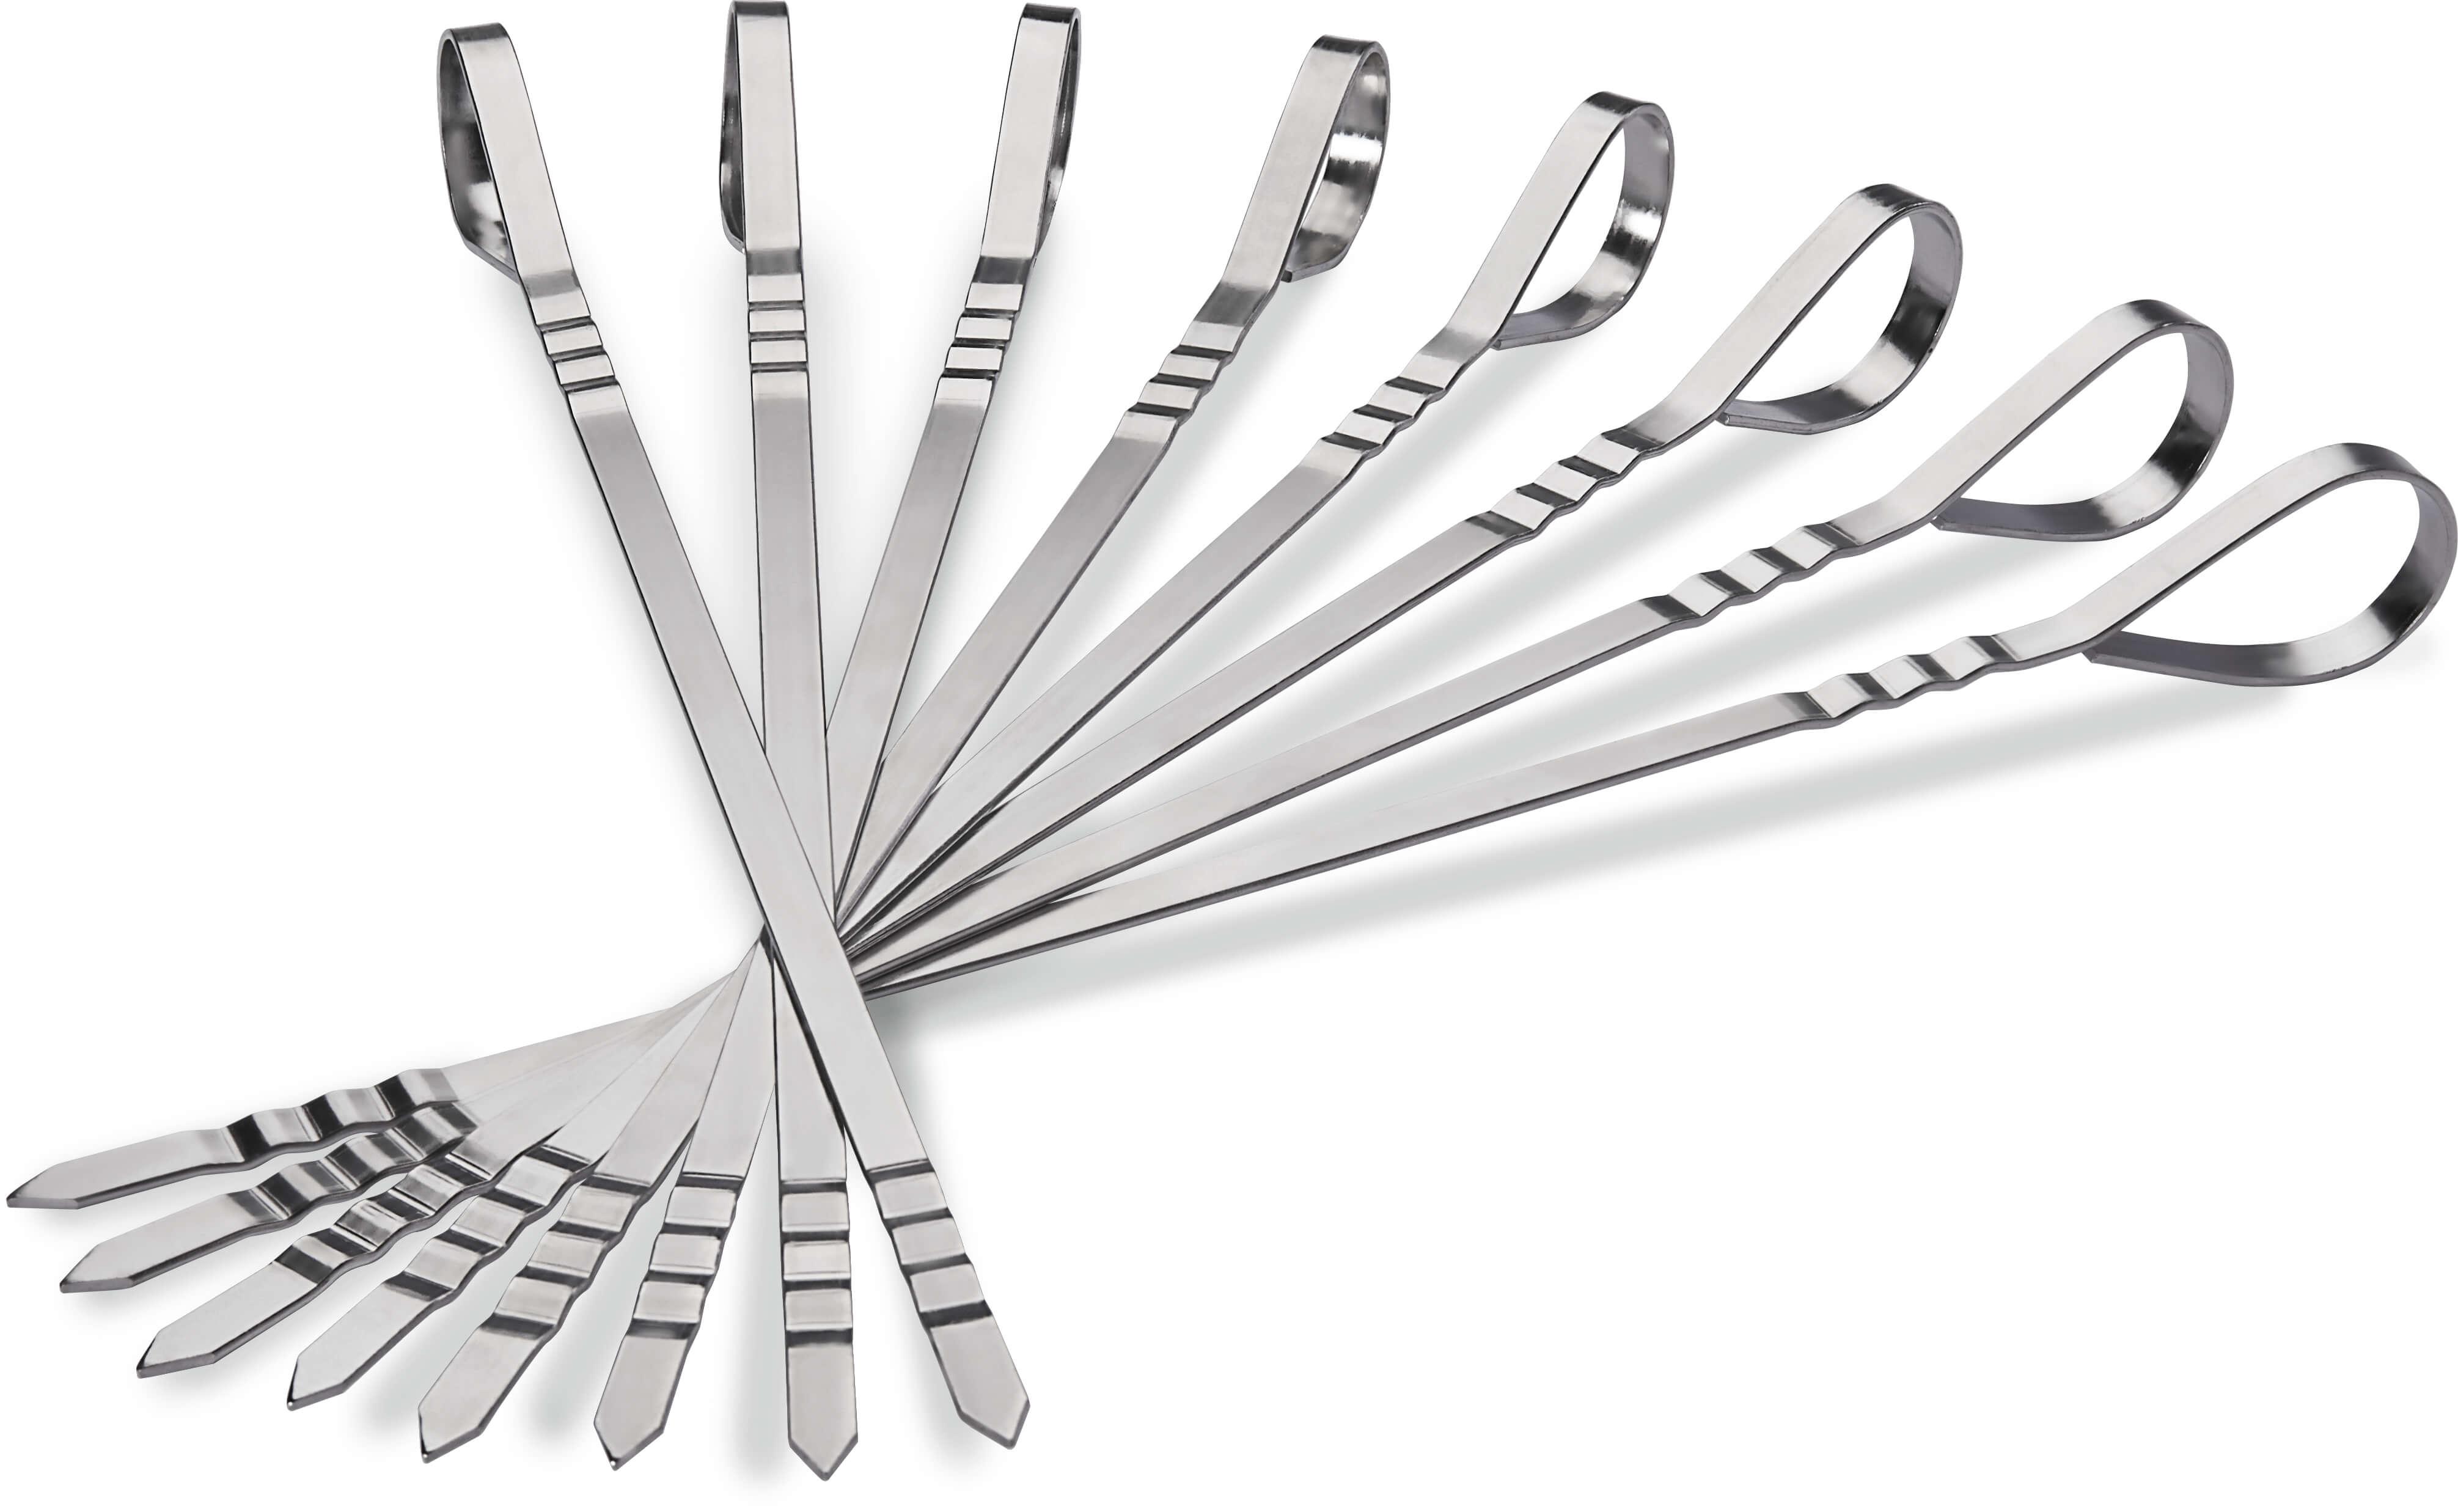 Eight Stainless Steel Multifunctional Skewers